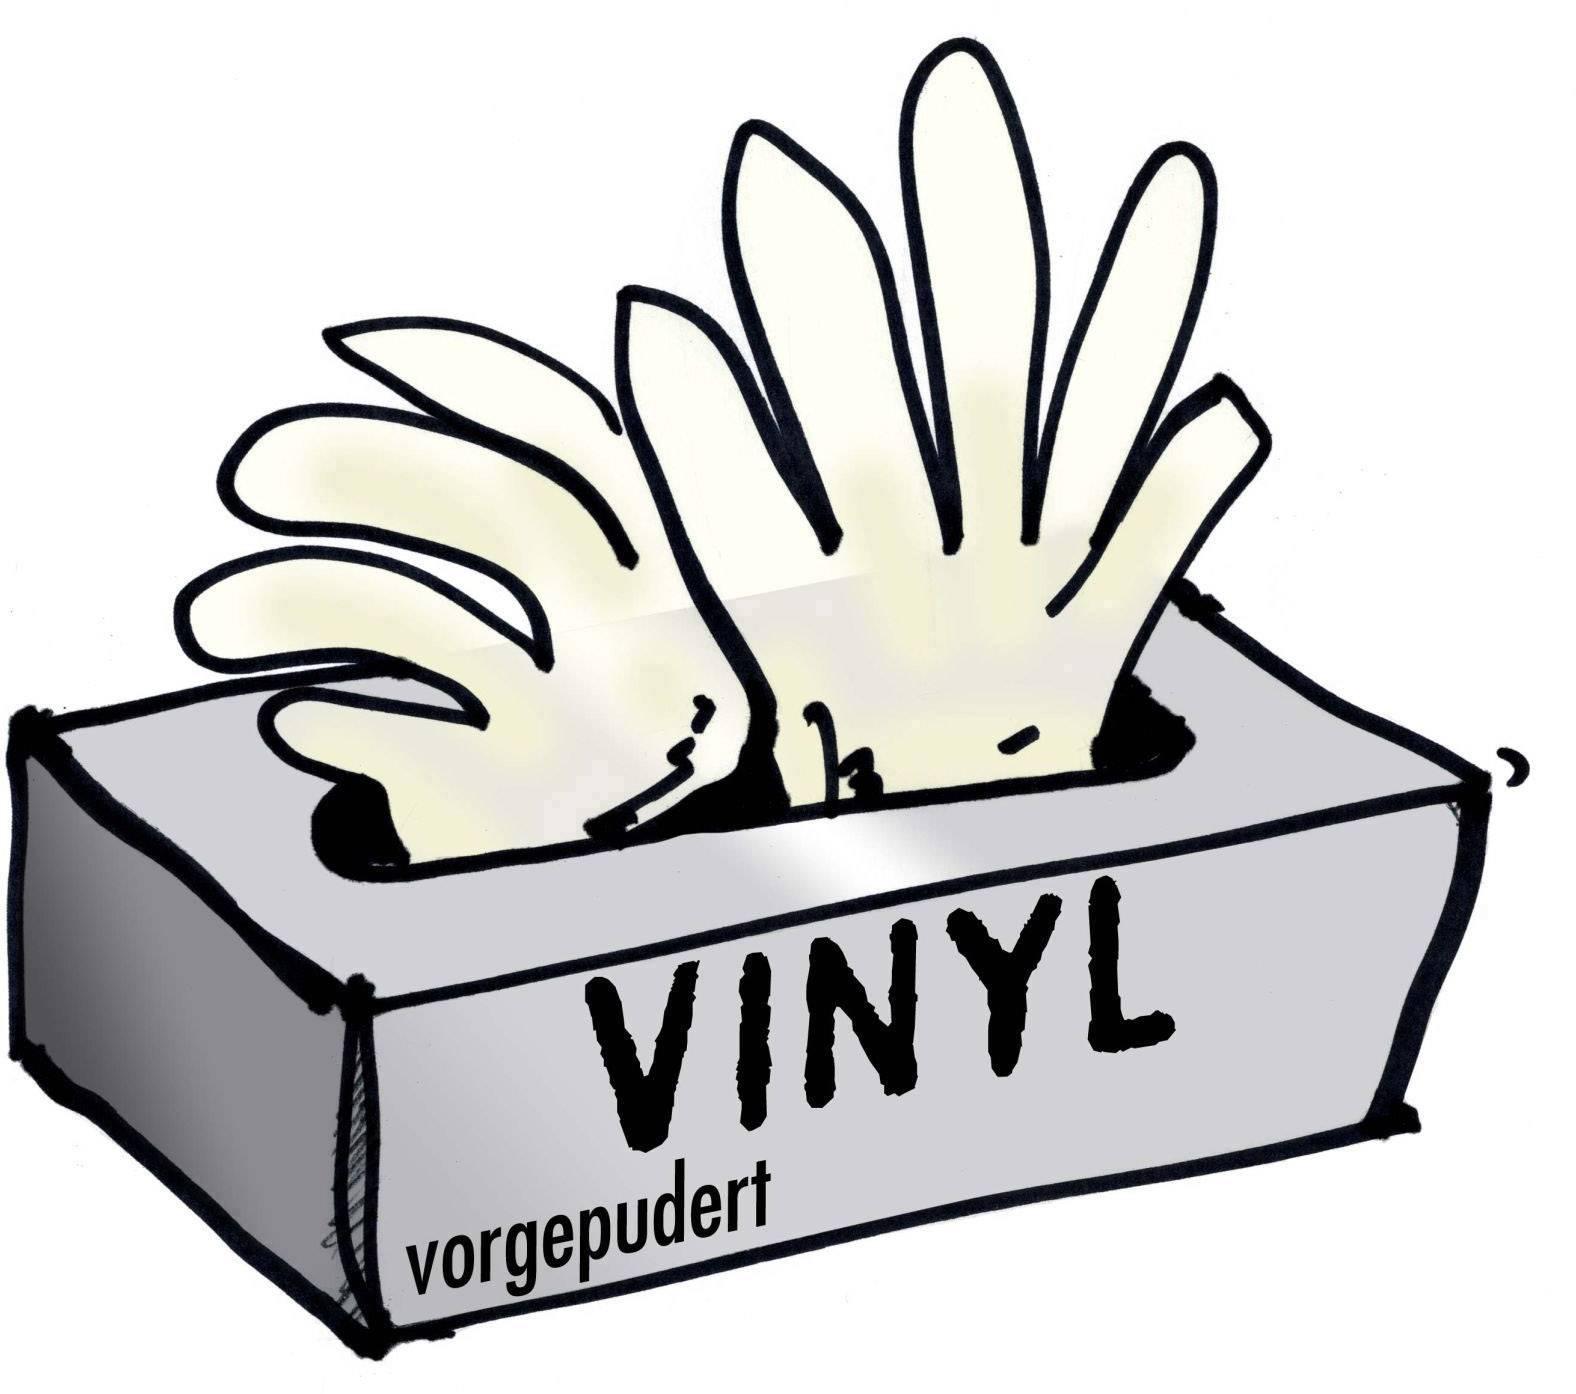 Ochranné jednorázové rukavice, velikost M, 24 cm, transparentní, 100 ks